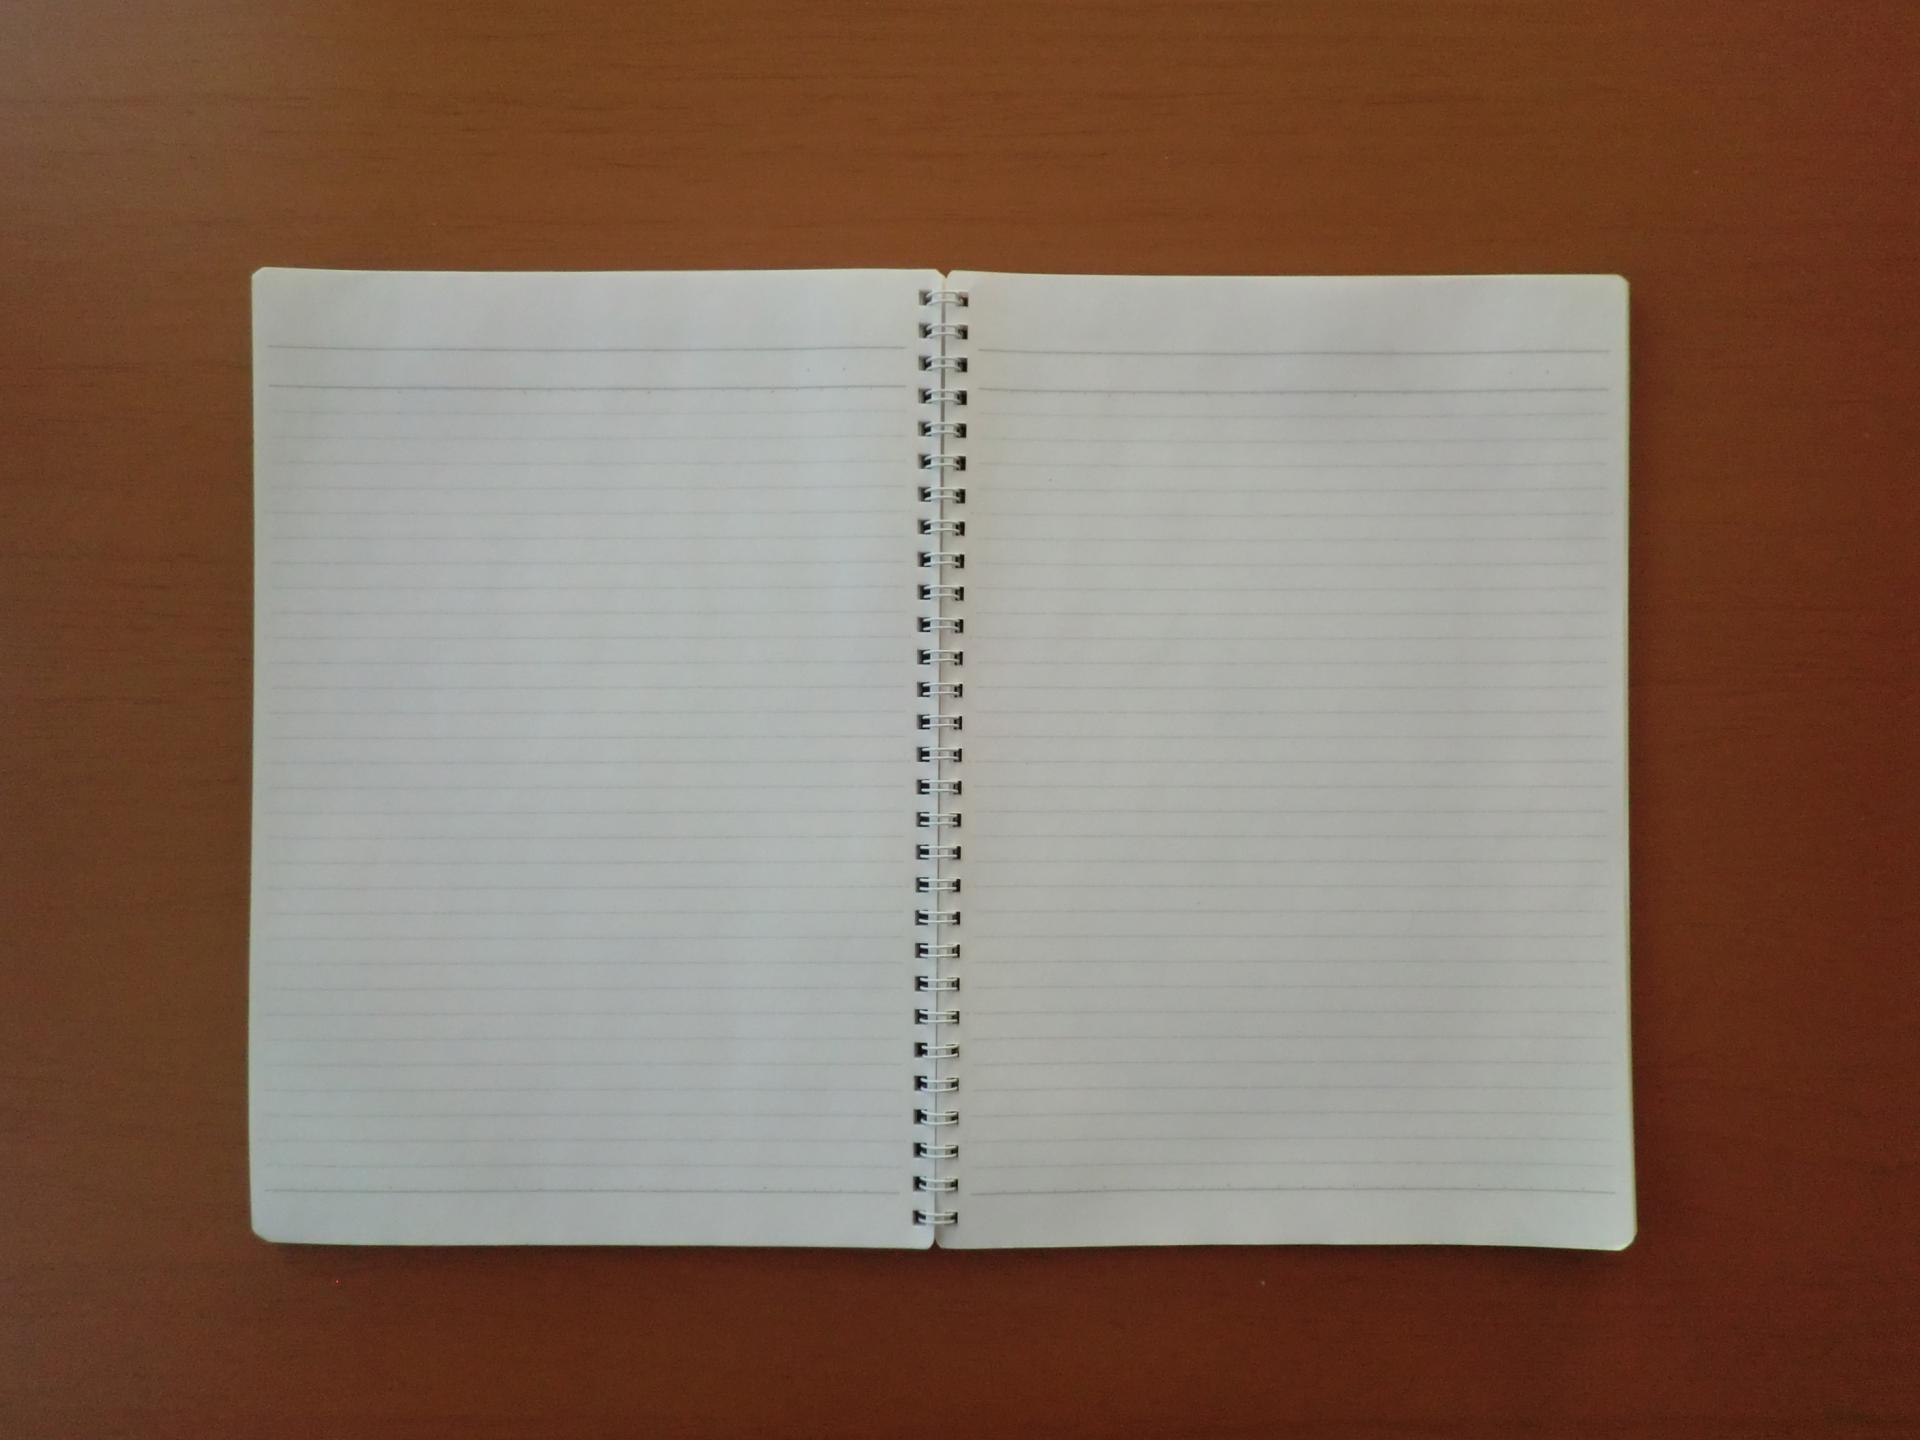 みんなどうしてる?幼稚園連絡帳の書き出し文や使い方について